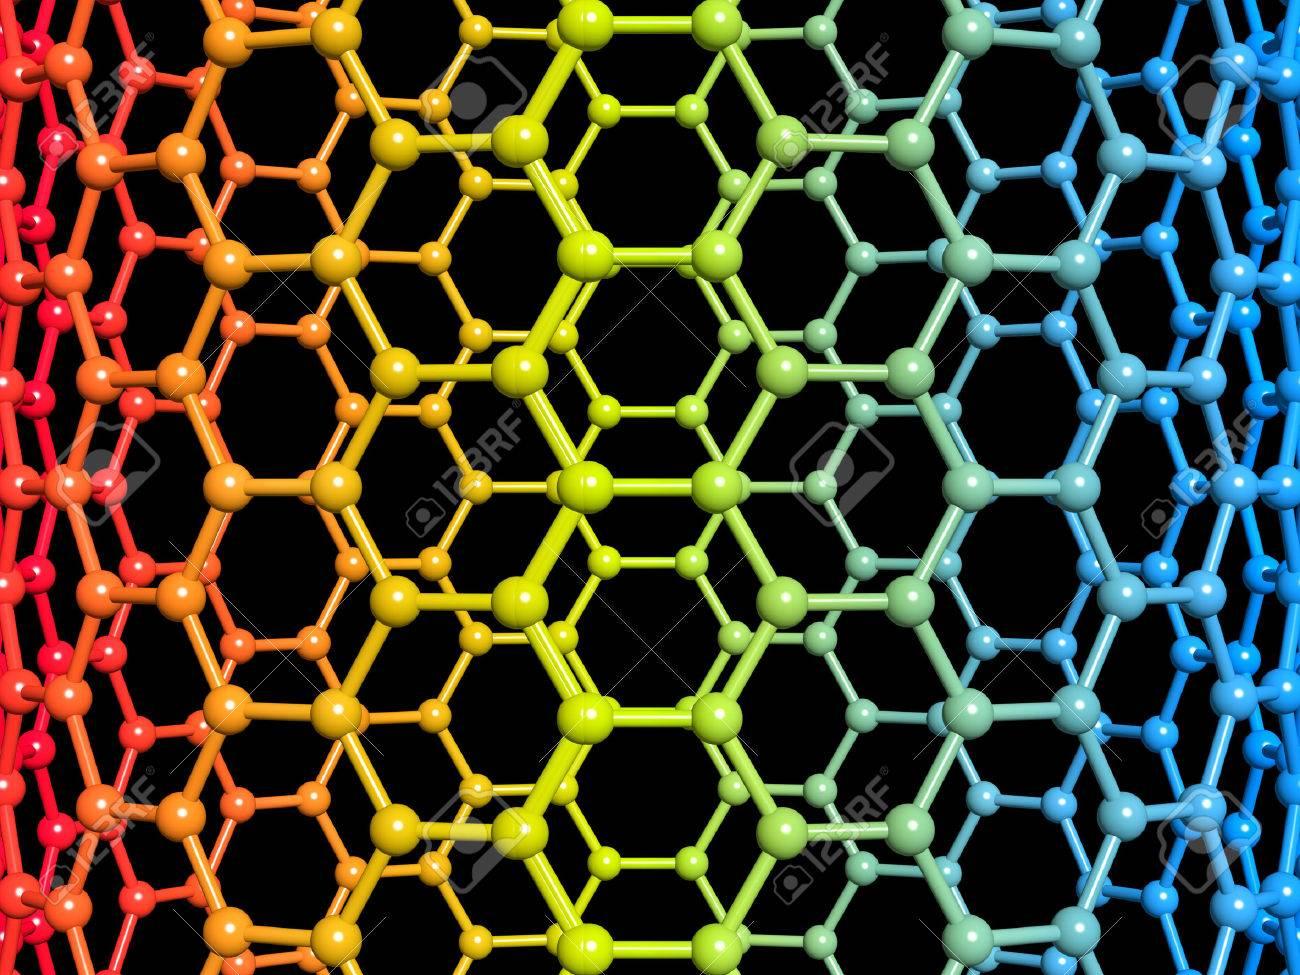 Nanotube 3d illustration on black background - 44251427